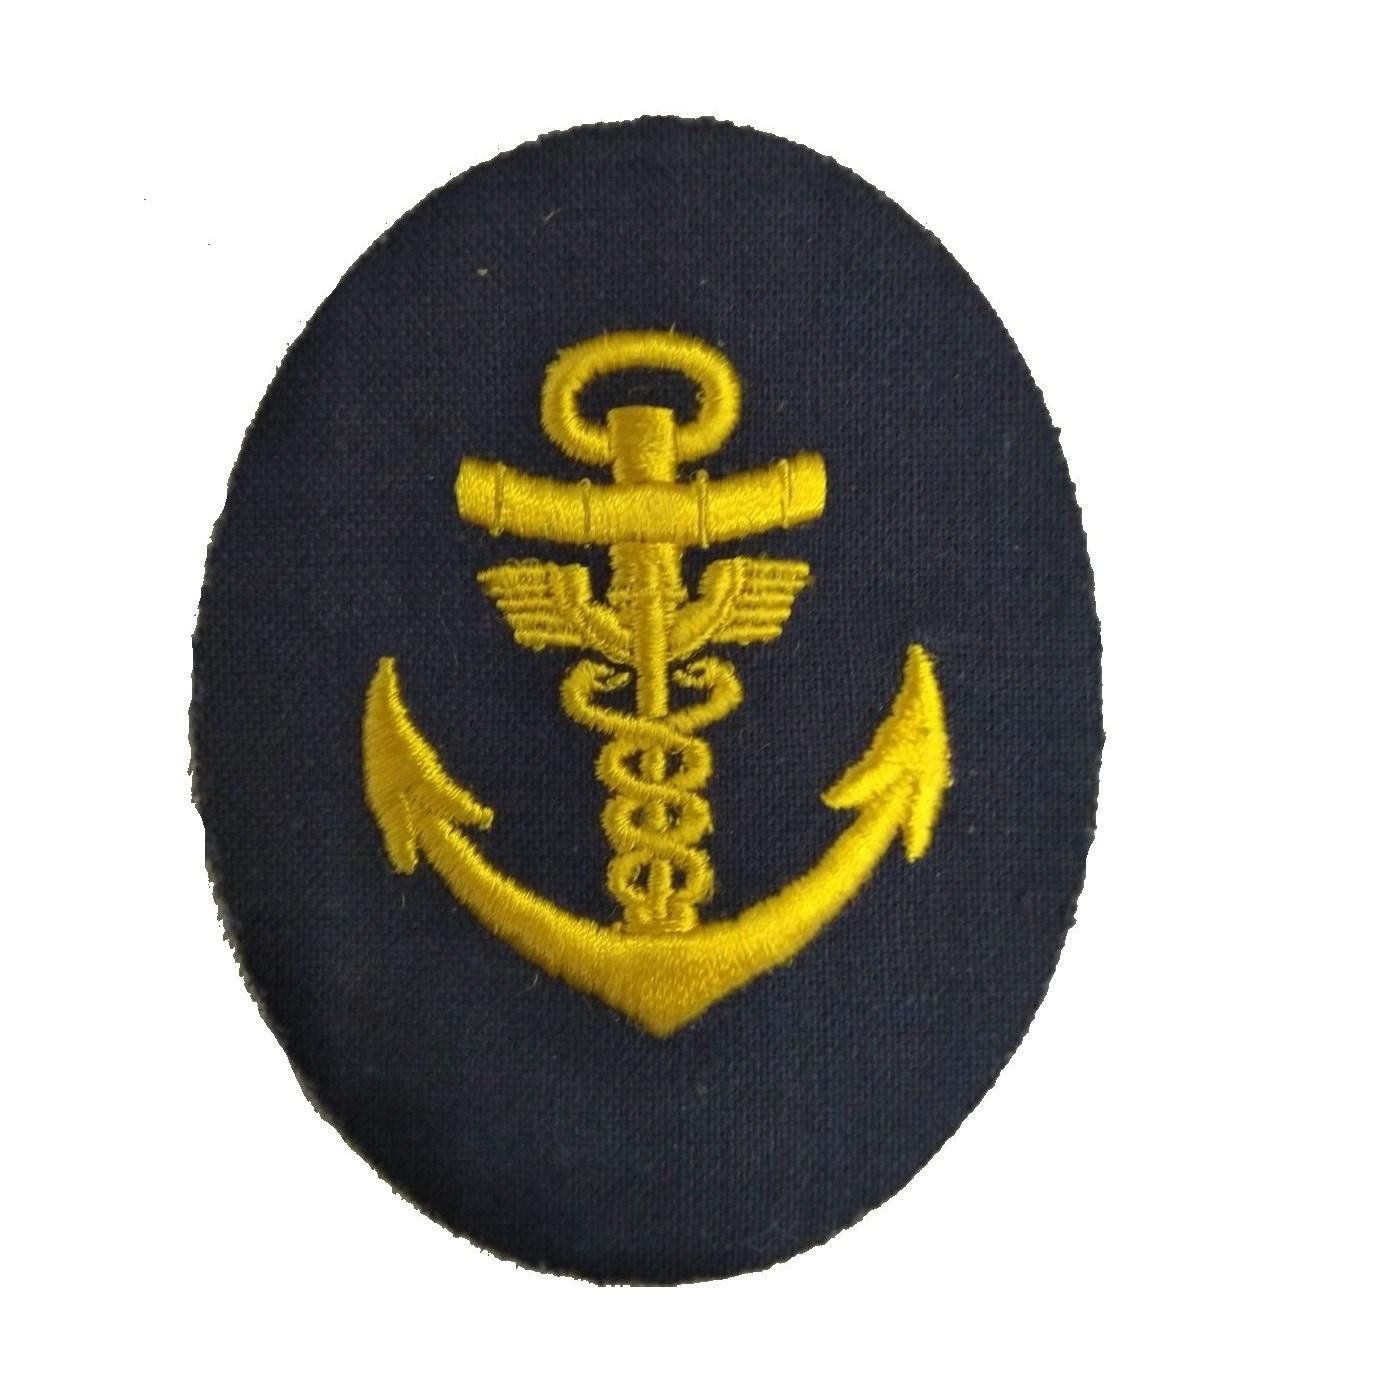 Nášivka námořních jednotek NVA ovál s kotvou, dva hadi